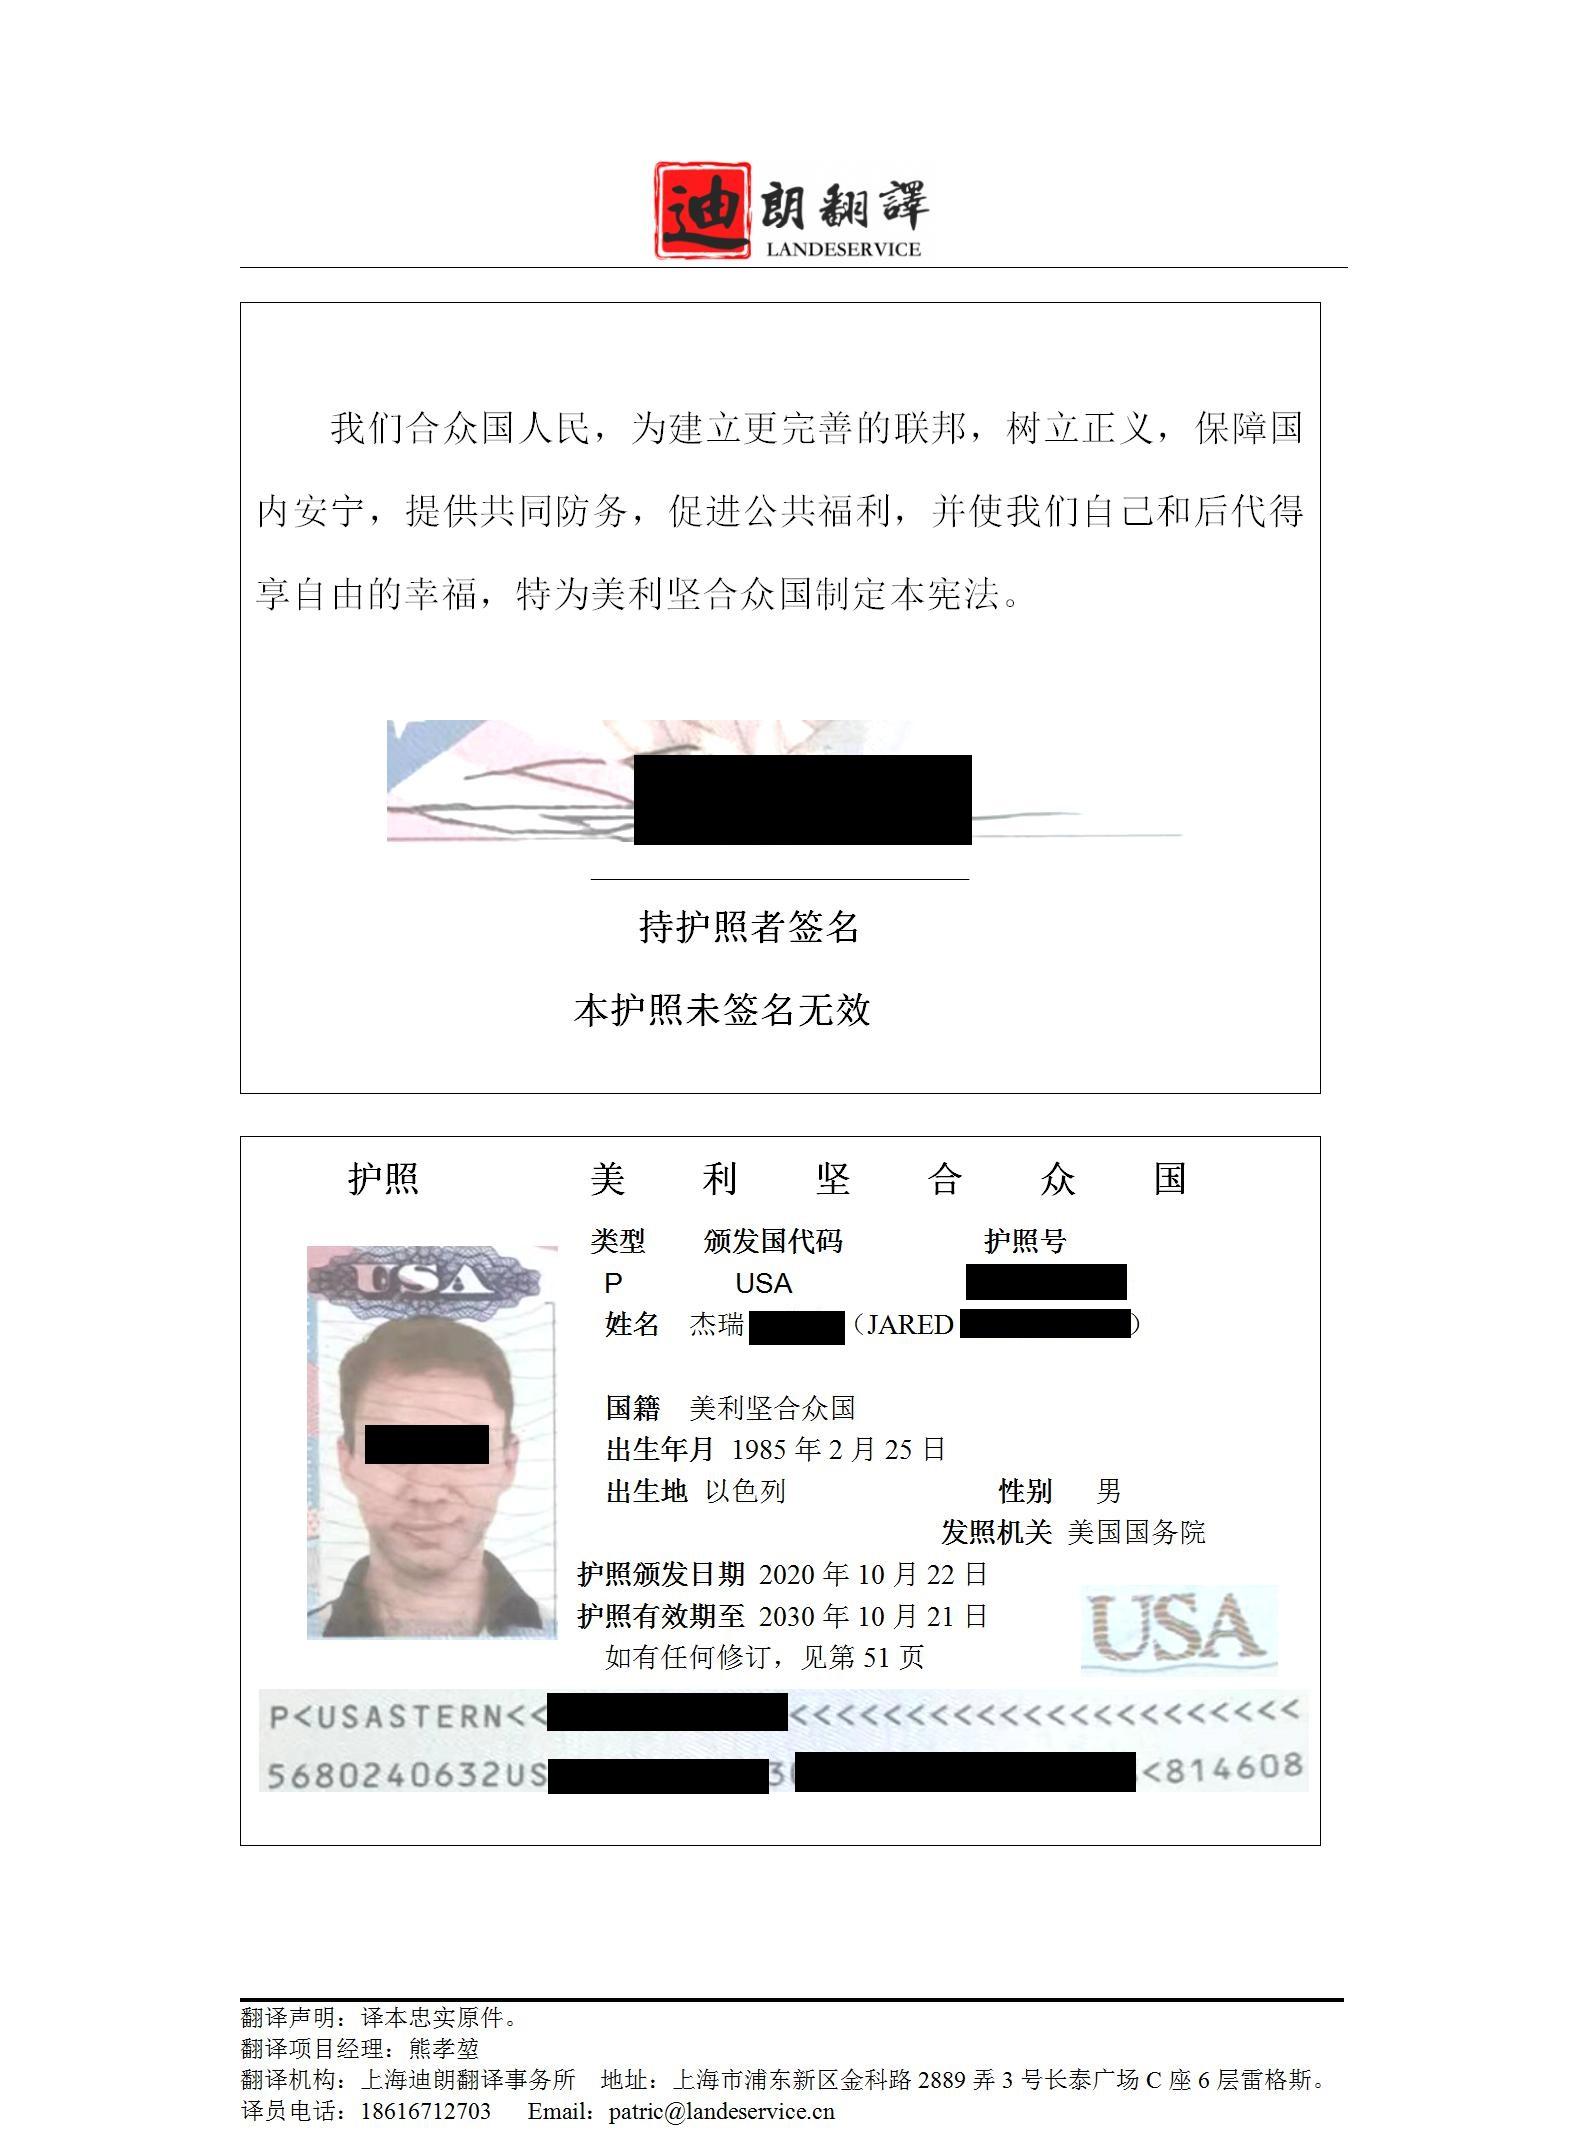 美国护照翻译件chen - 以色列籍美国护照翻译认证盖章